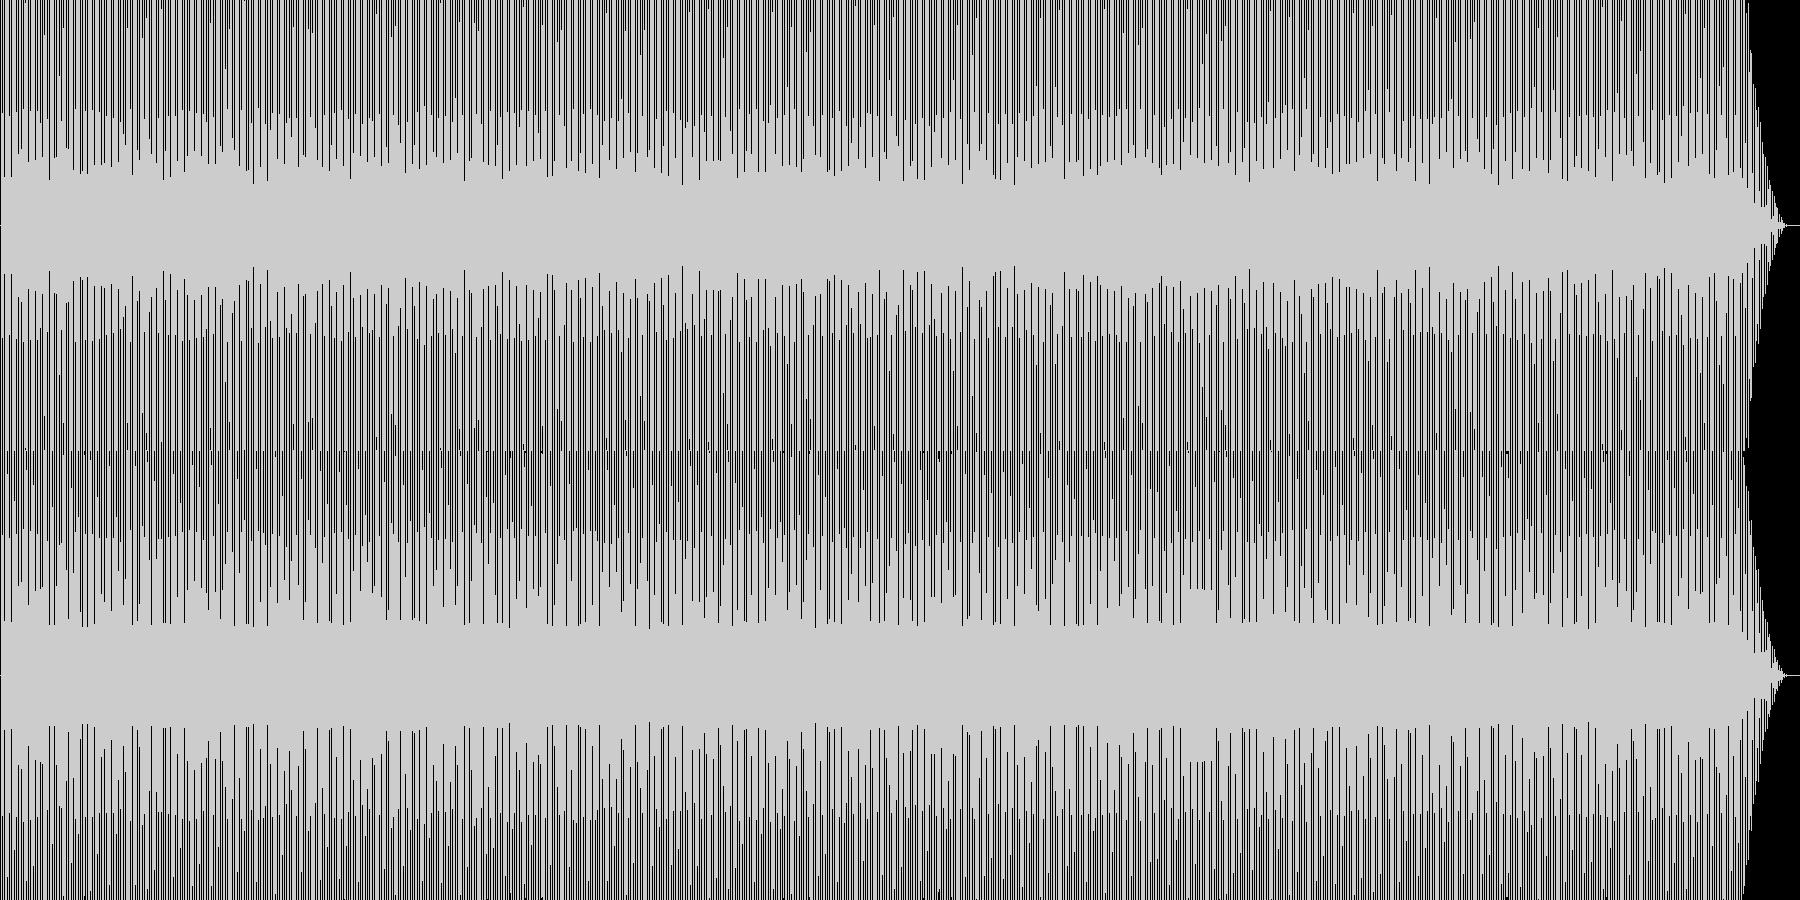 機械的なシンセと4つ打ちの未再生の波形